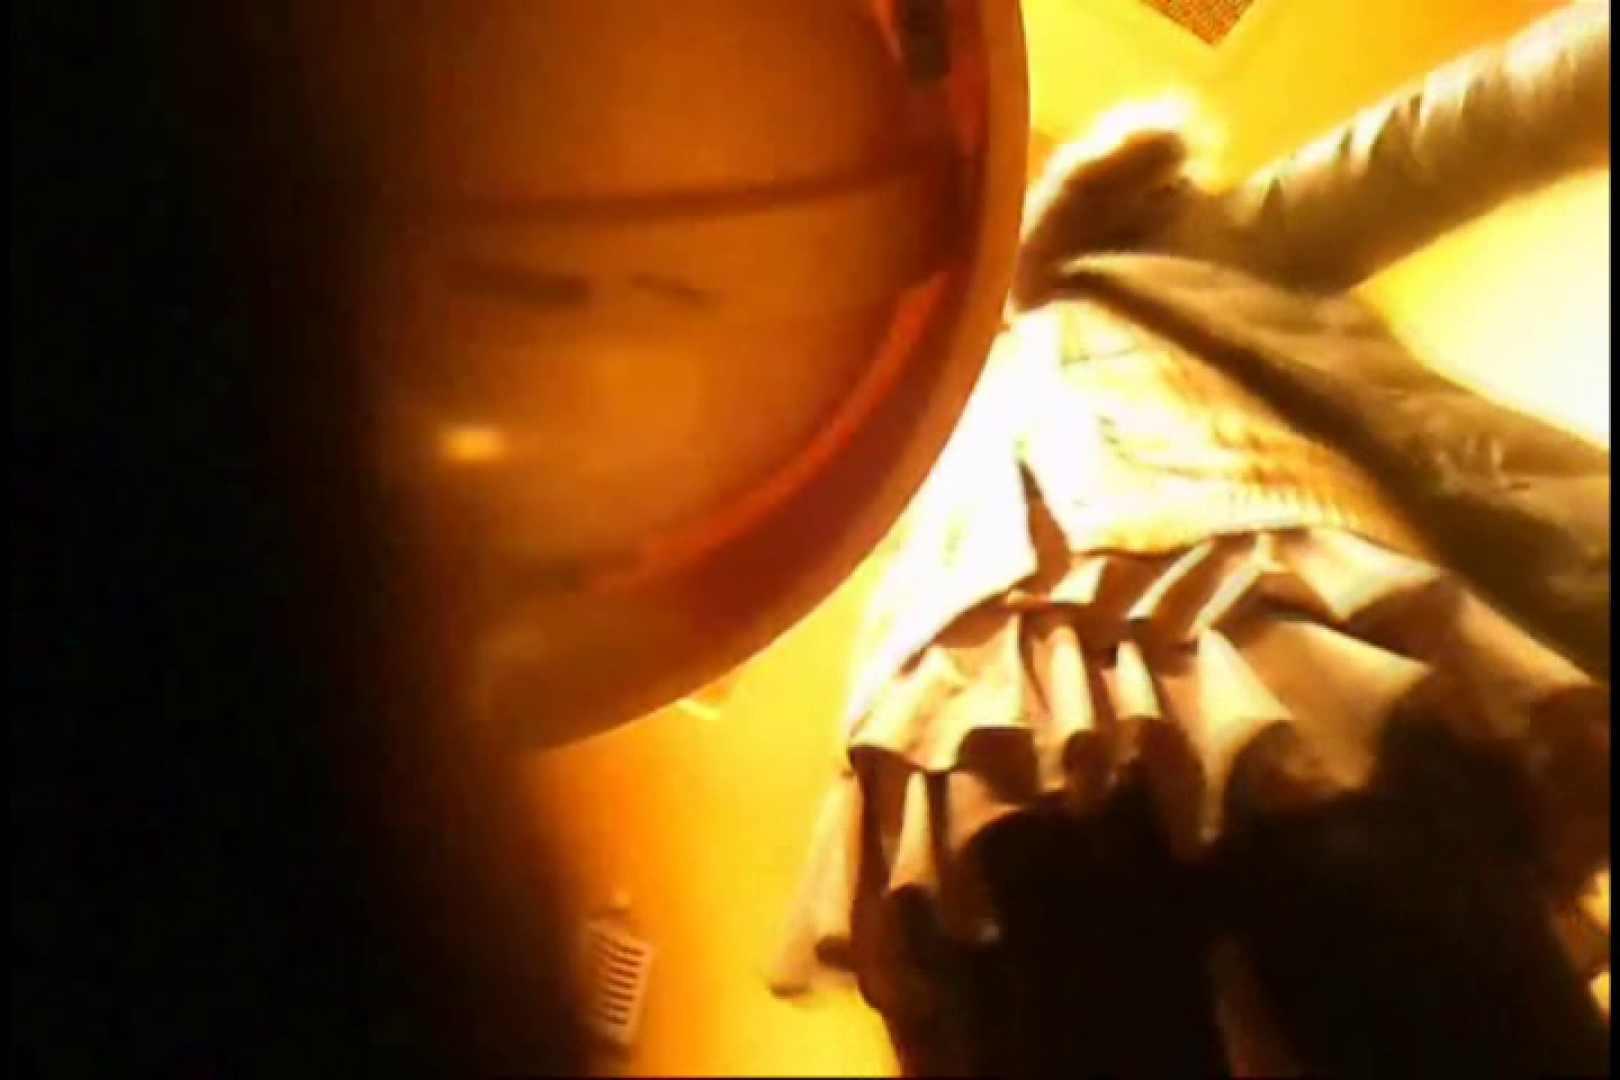 潜入!!女子化粧室盗撮~絶対見られたくない時間~vo,4 潜入 | 熟女のカラダ  12pic 10